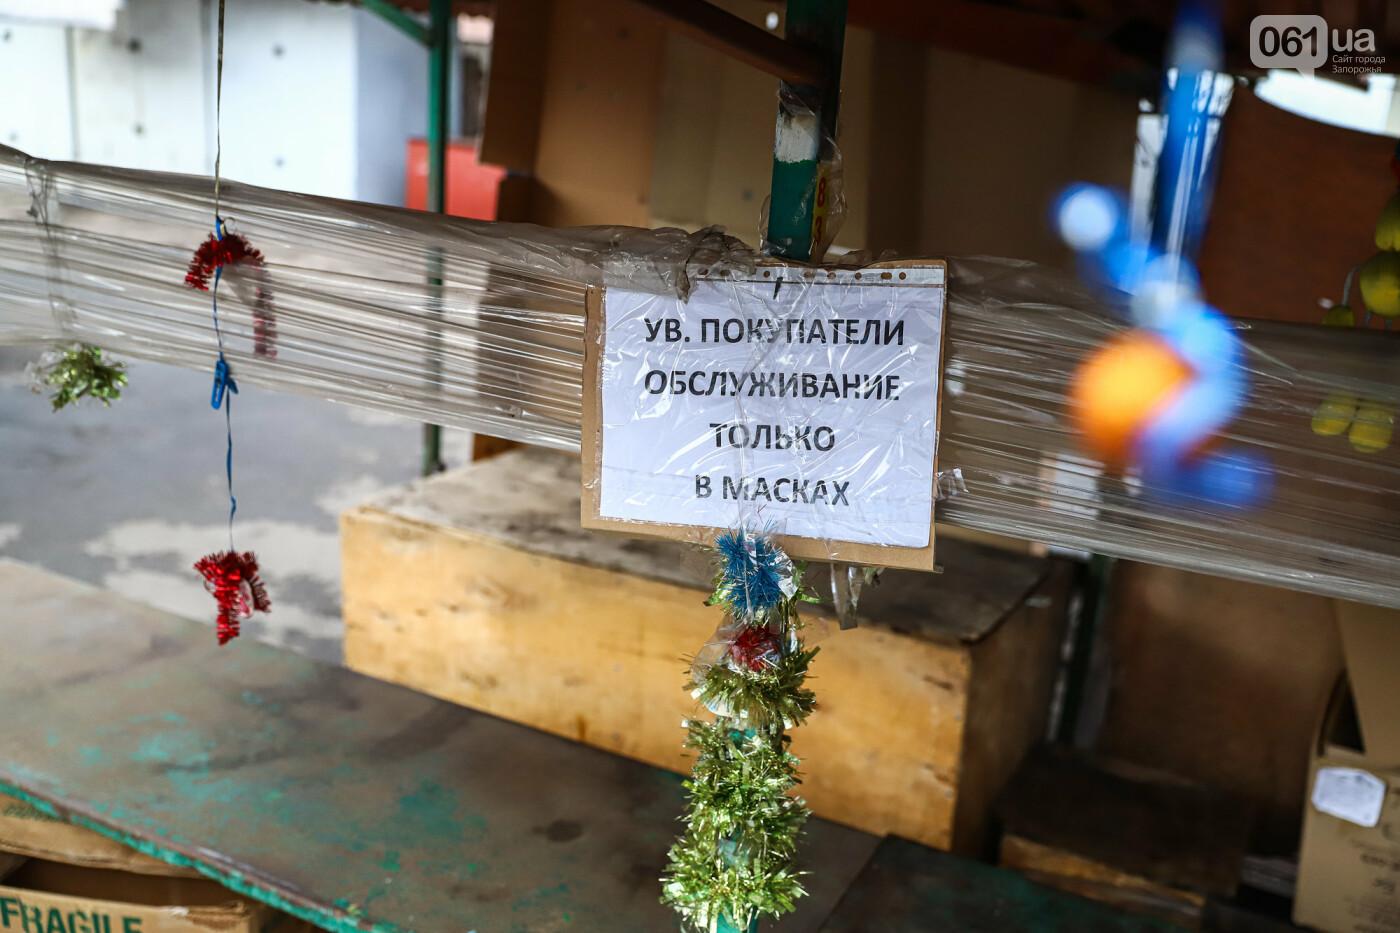 Защитные ленты на товарах, неработающие ТРЦ и полузакрытые рынки – фоторепортаж о первом дне локдауна в Запорожье, фото-11